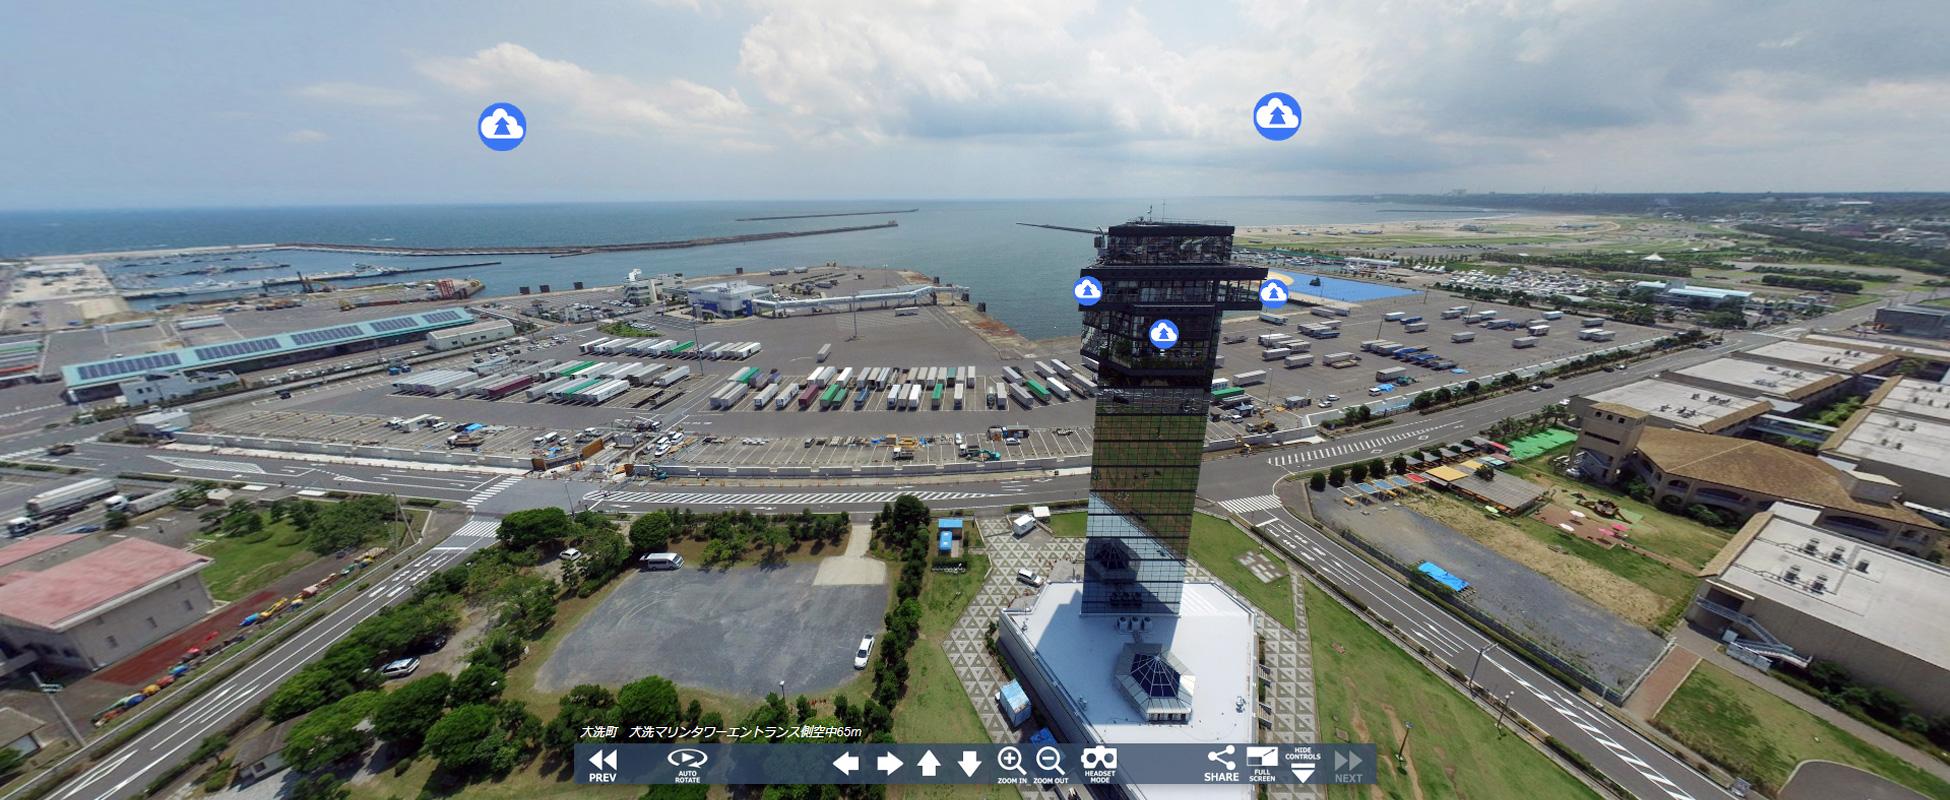 茨城県の観光名所大洗マリンタワー360VRツアー